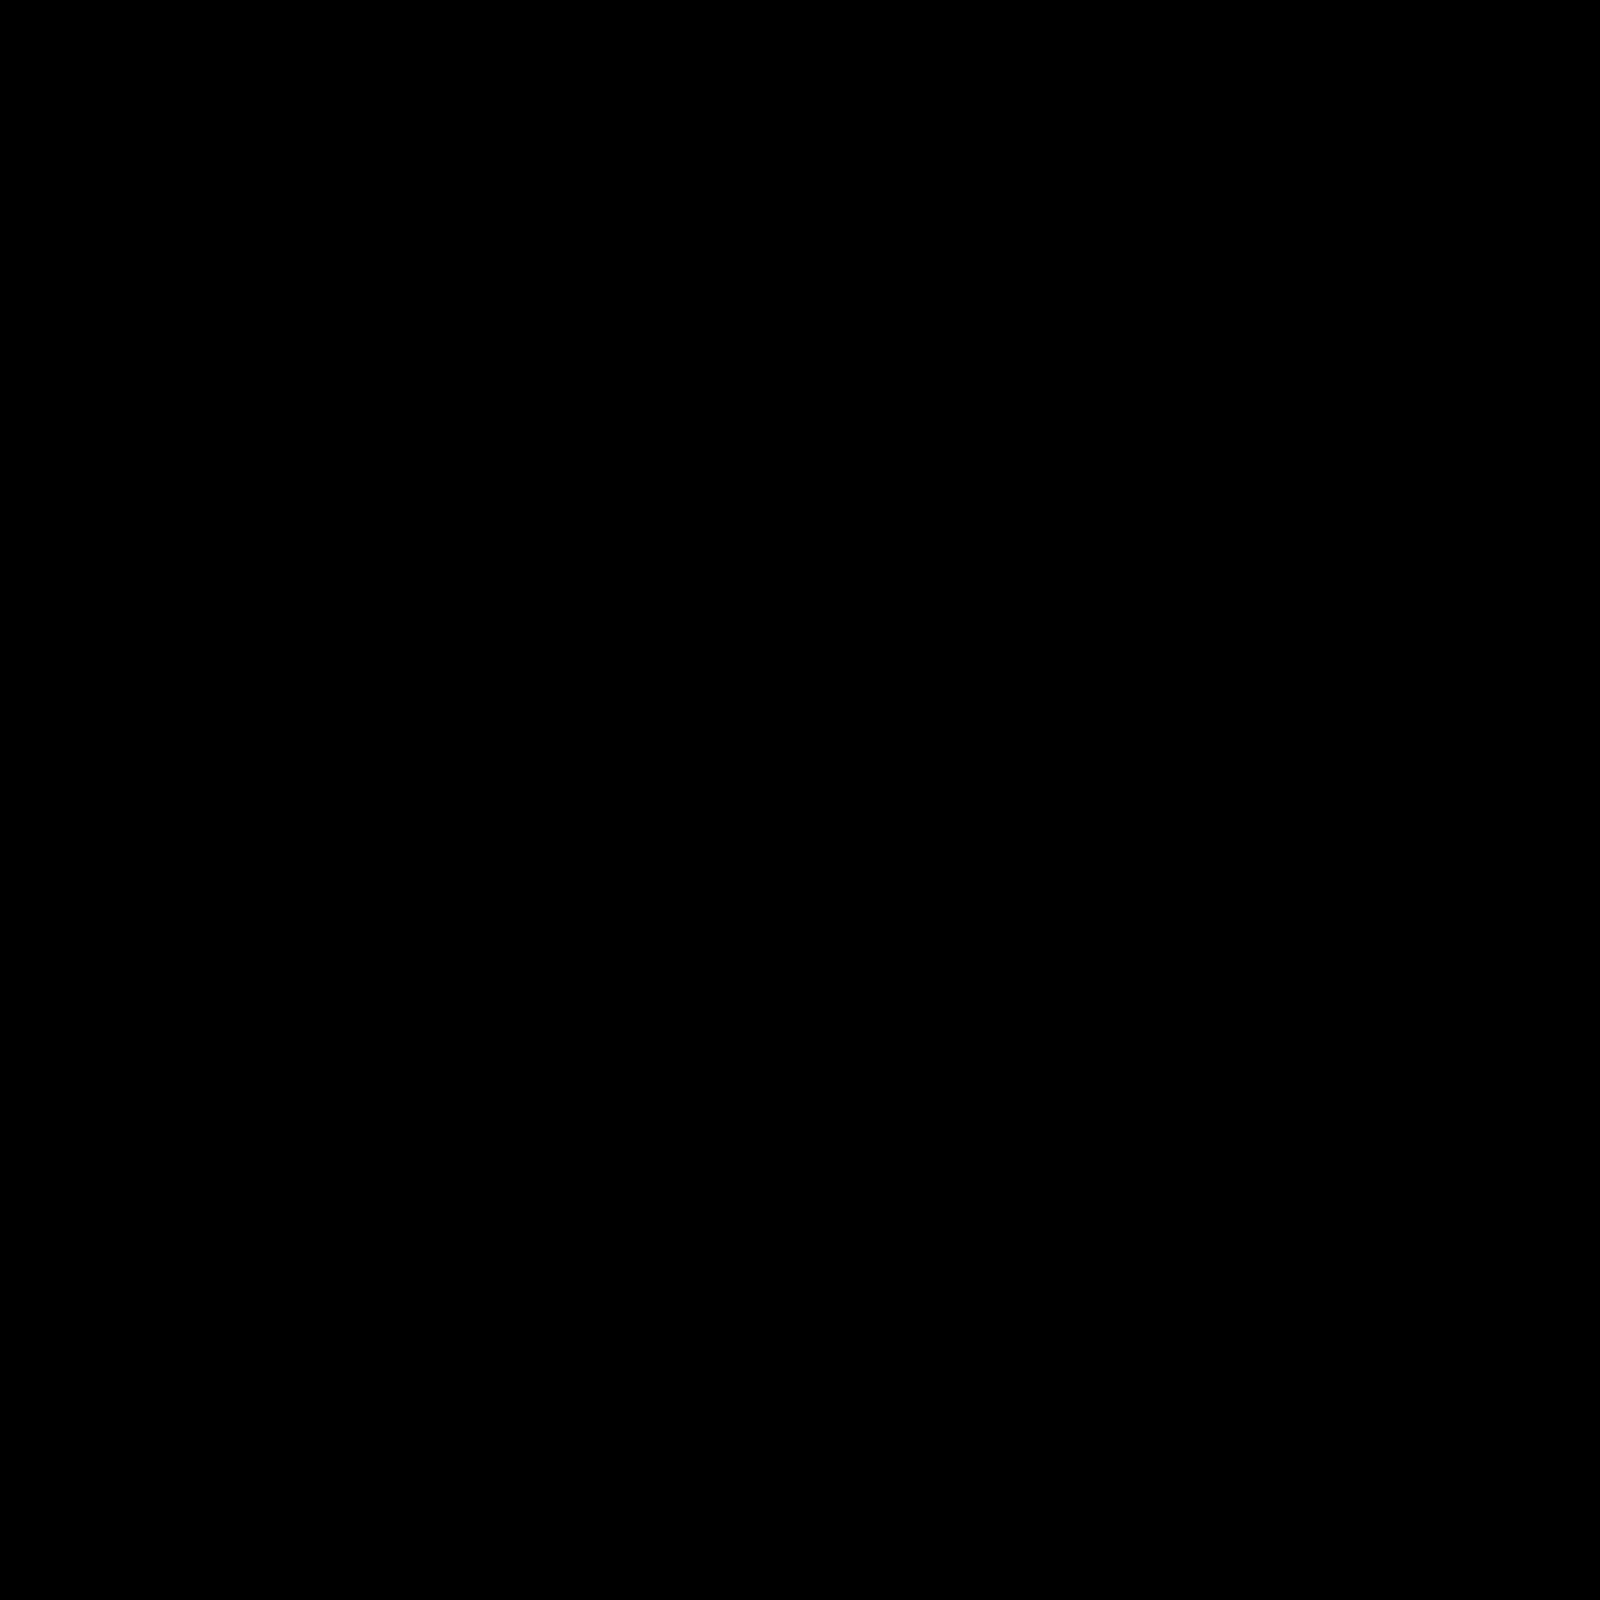 Джойстик PNG